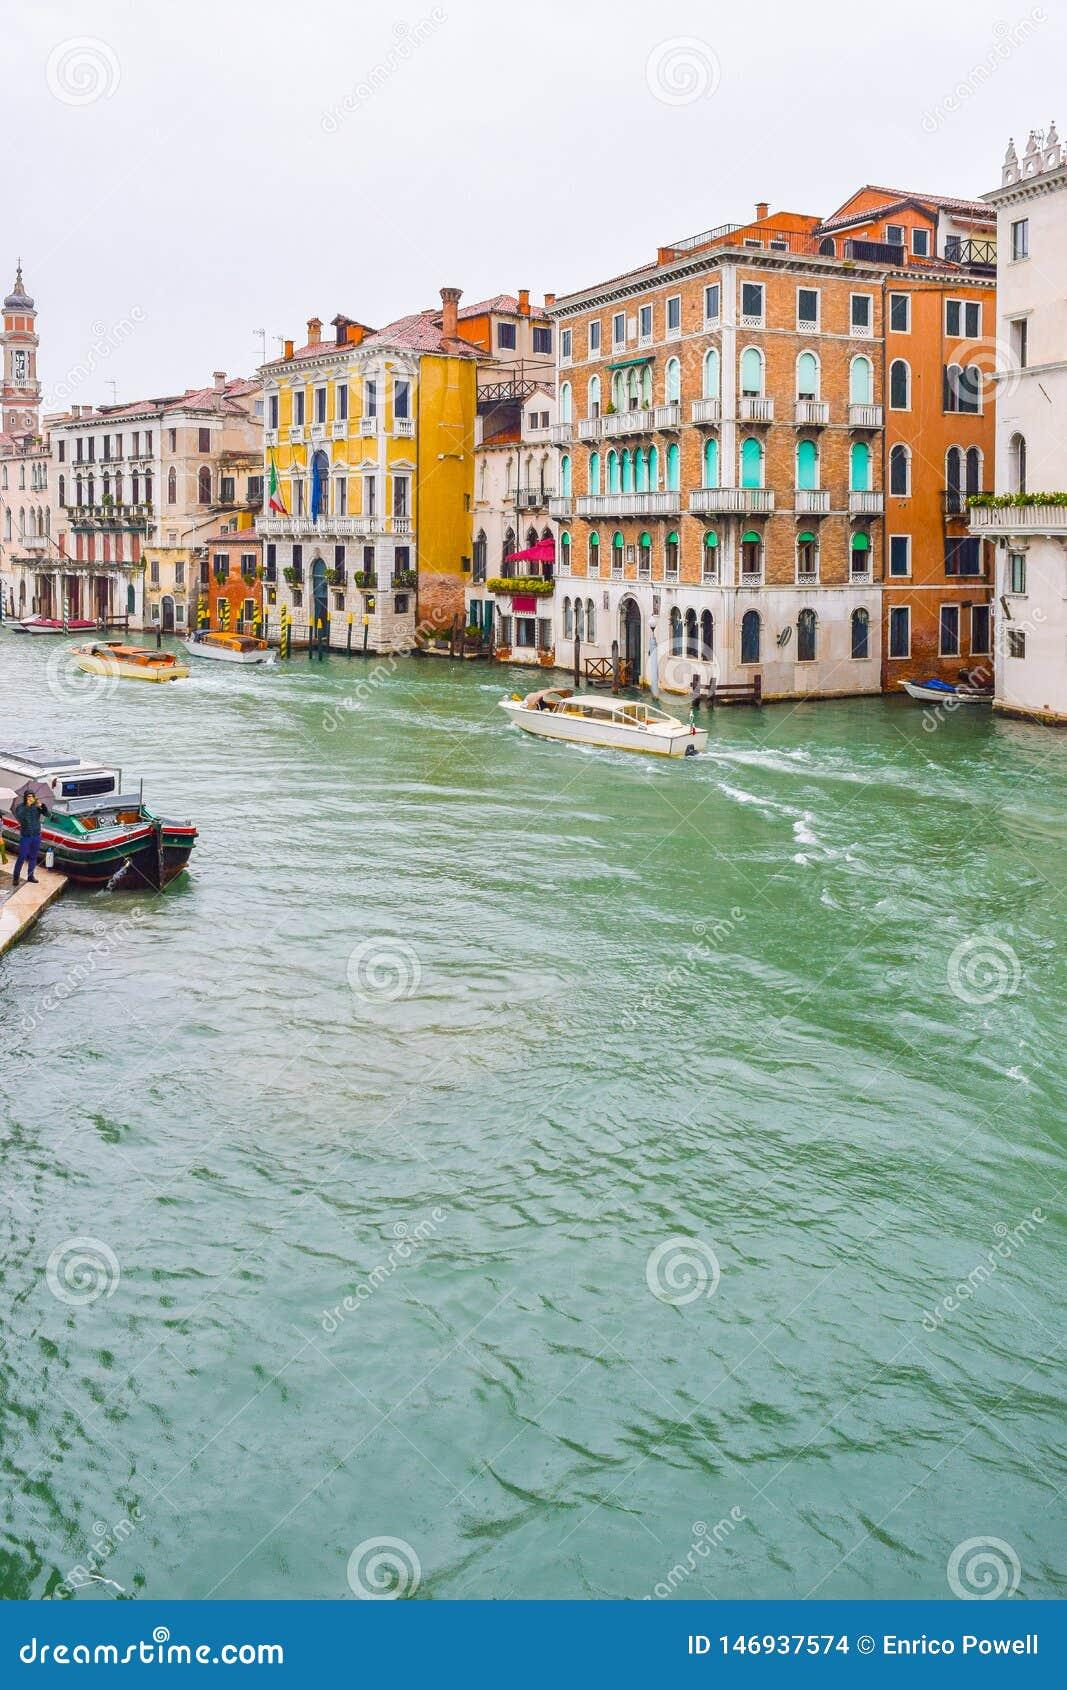 Парусники людей и такси воды около готических венецианских зданий на дождливый день в ноябре на водном пути большого канала, Вене